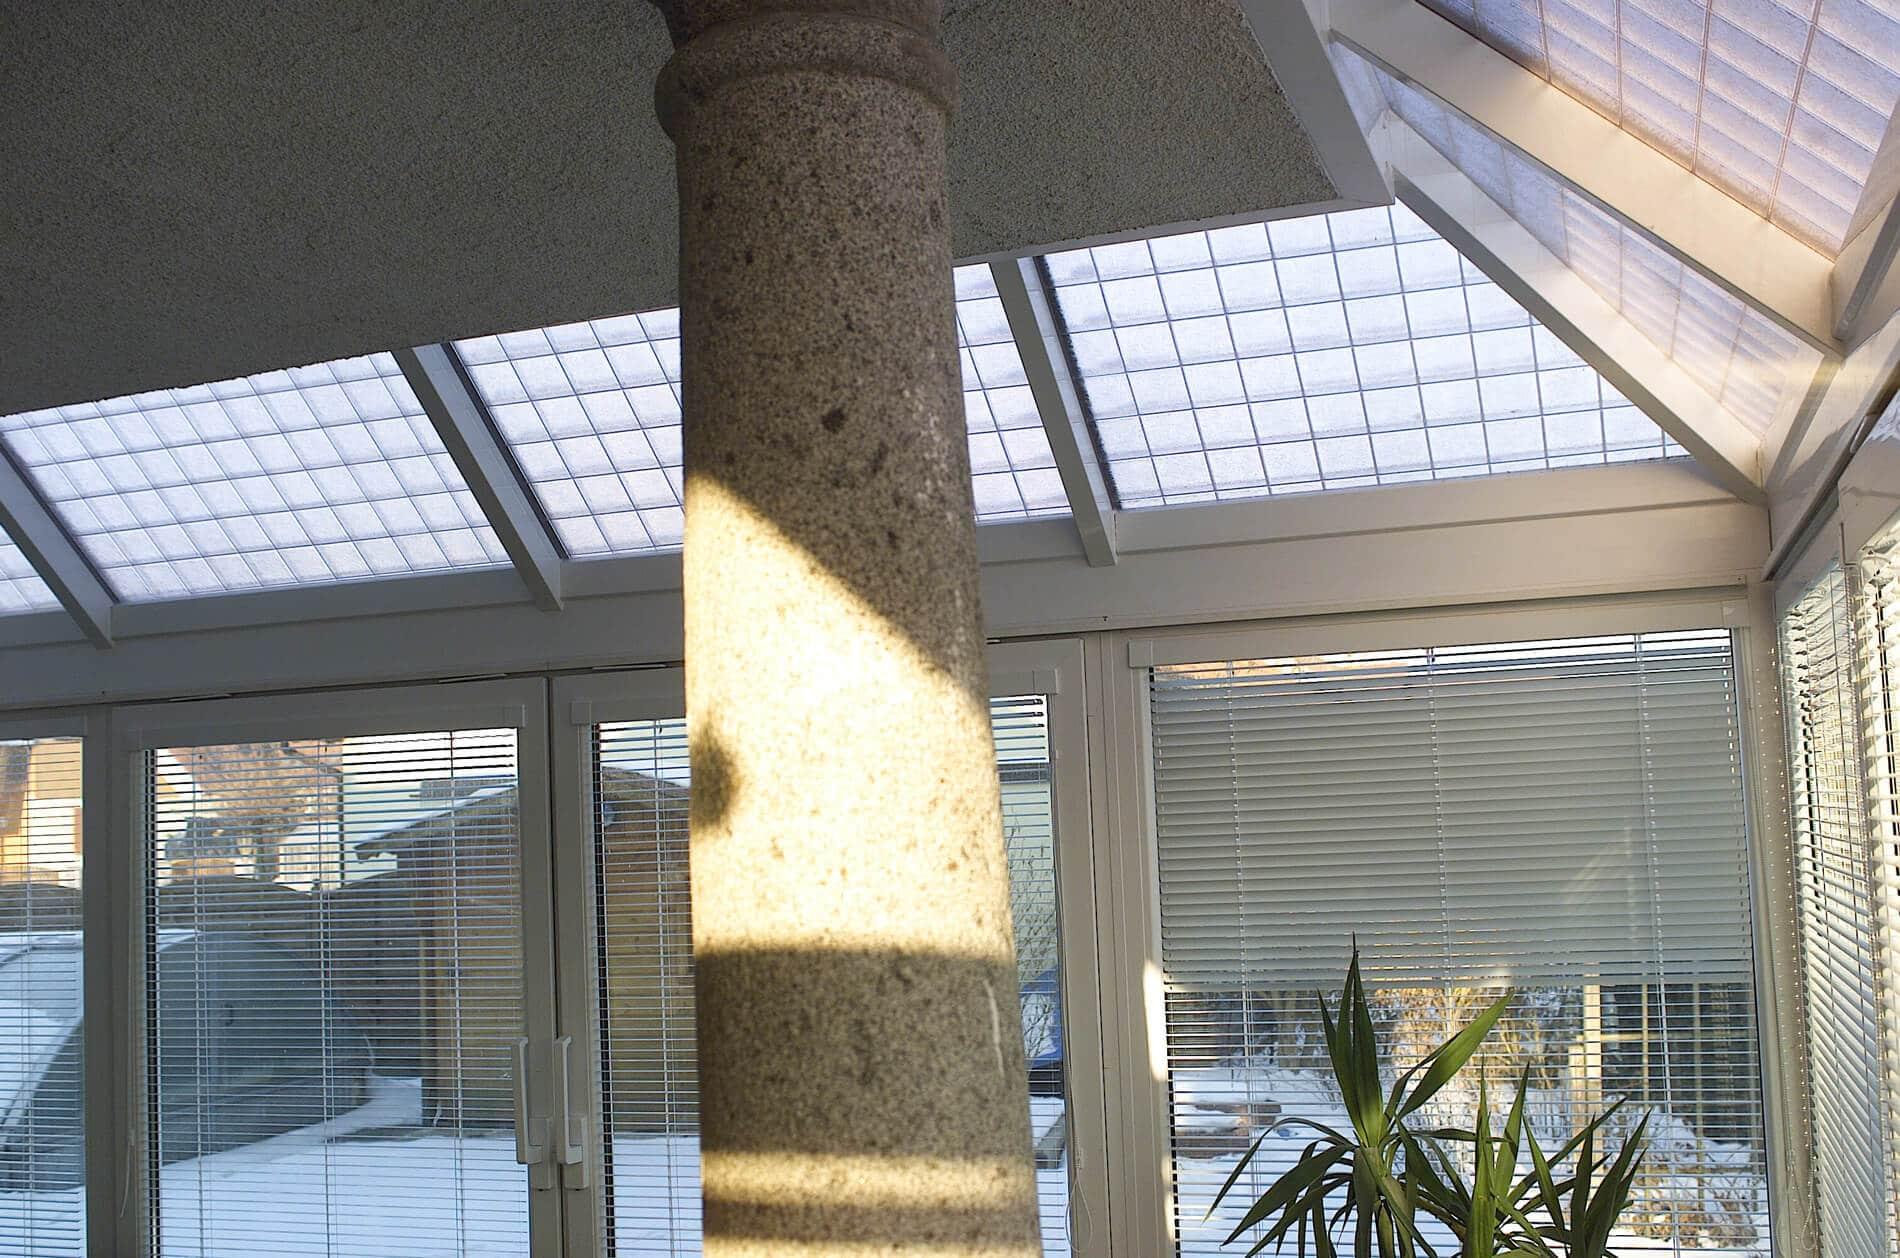 wintergarten mit rasterglas auf dach wintergarten schmidinger. Black Bedroom Furniture Sets. Home Design Ideas